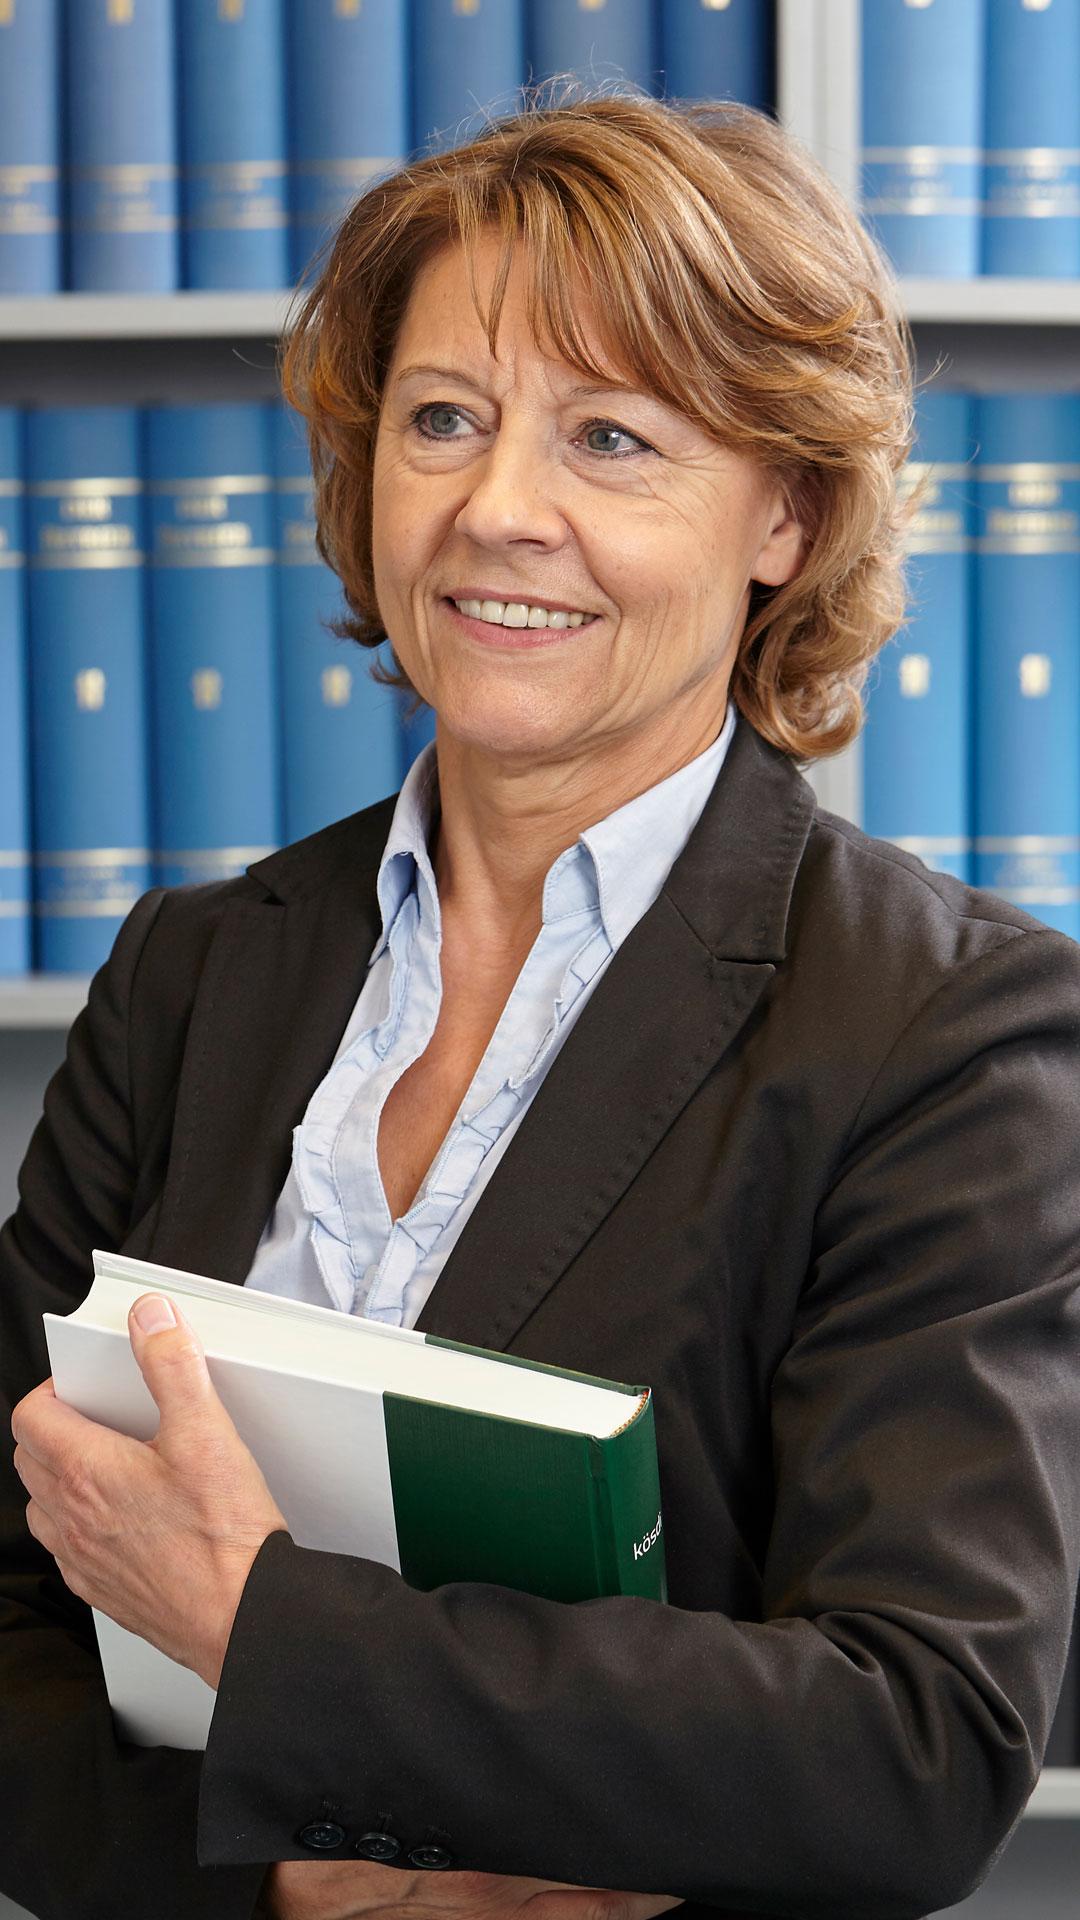 Steuerberaterin Brigitte Müller steht vor einem Schrank mit Büchern